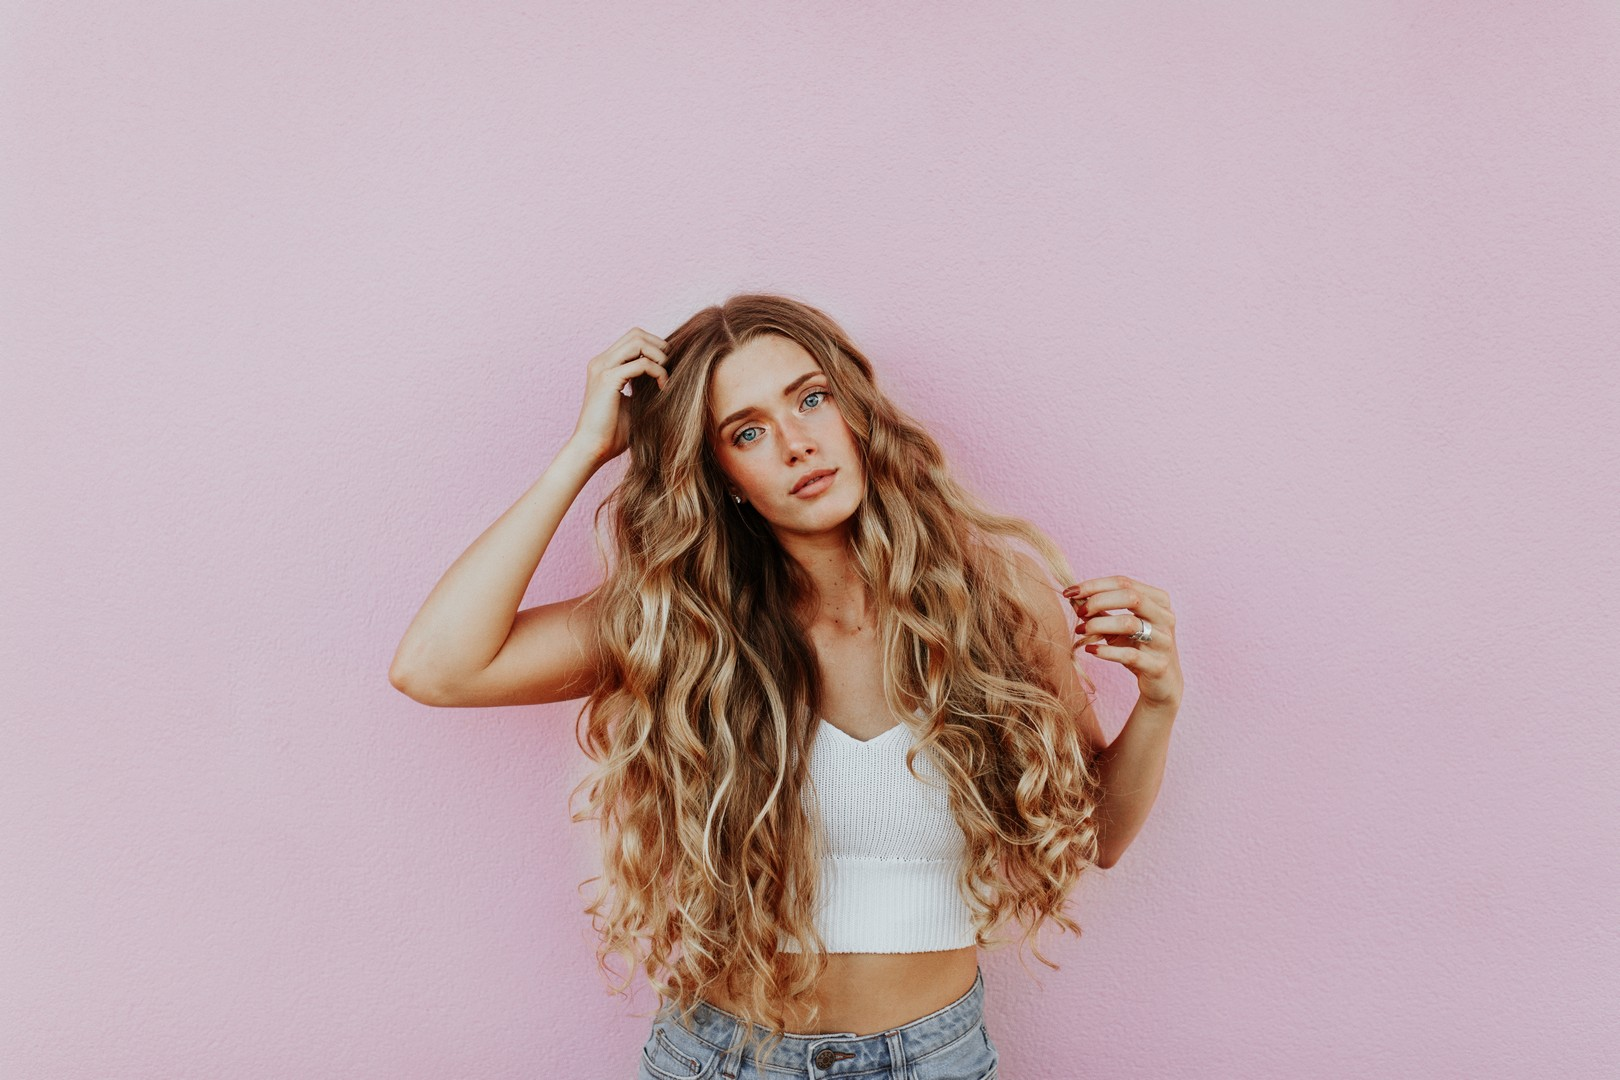 cabelo com reflexo luzes mechas 2 - Cabelo com reflexo, luzes ou mechas: diferenças, dicas e inspirações